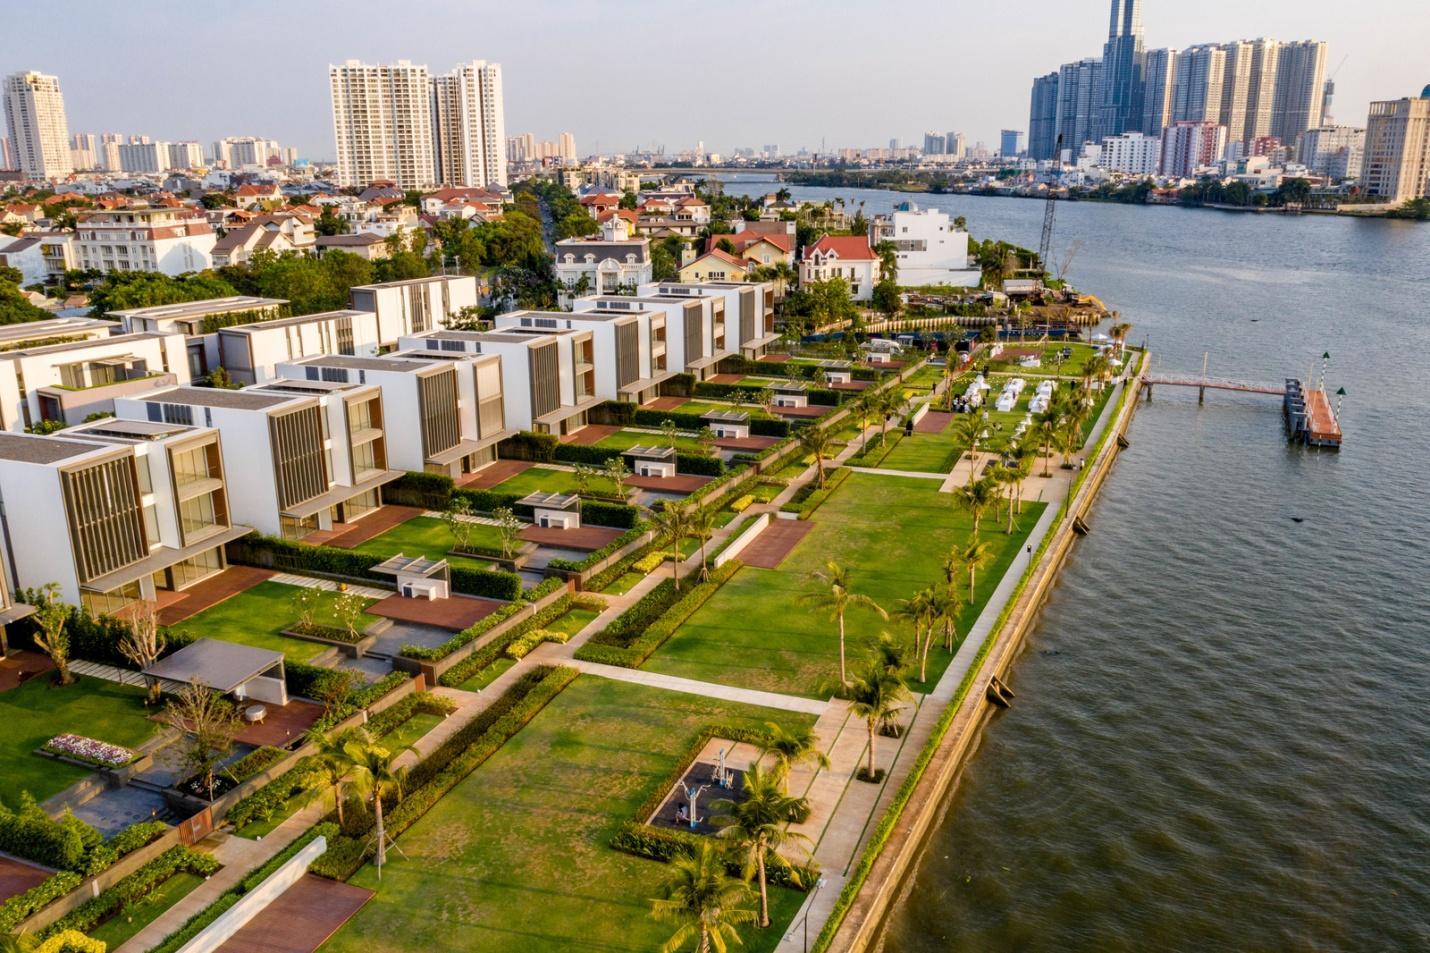 Saigon Garden Riverside Village dự án tâm đắc của chủ đầu tư Hưng Thịnh